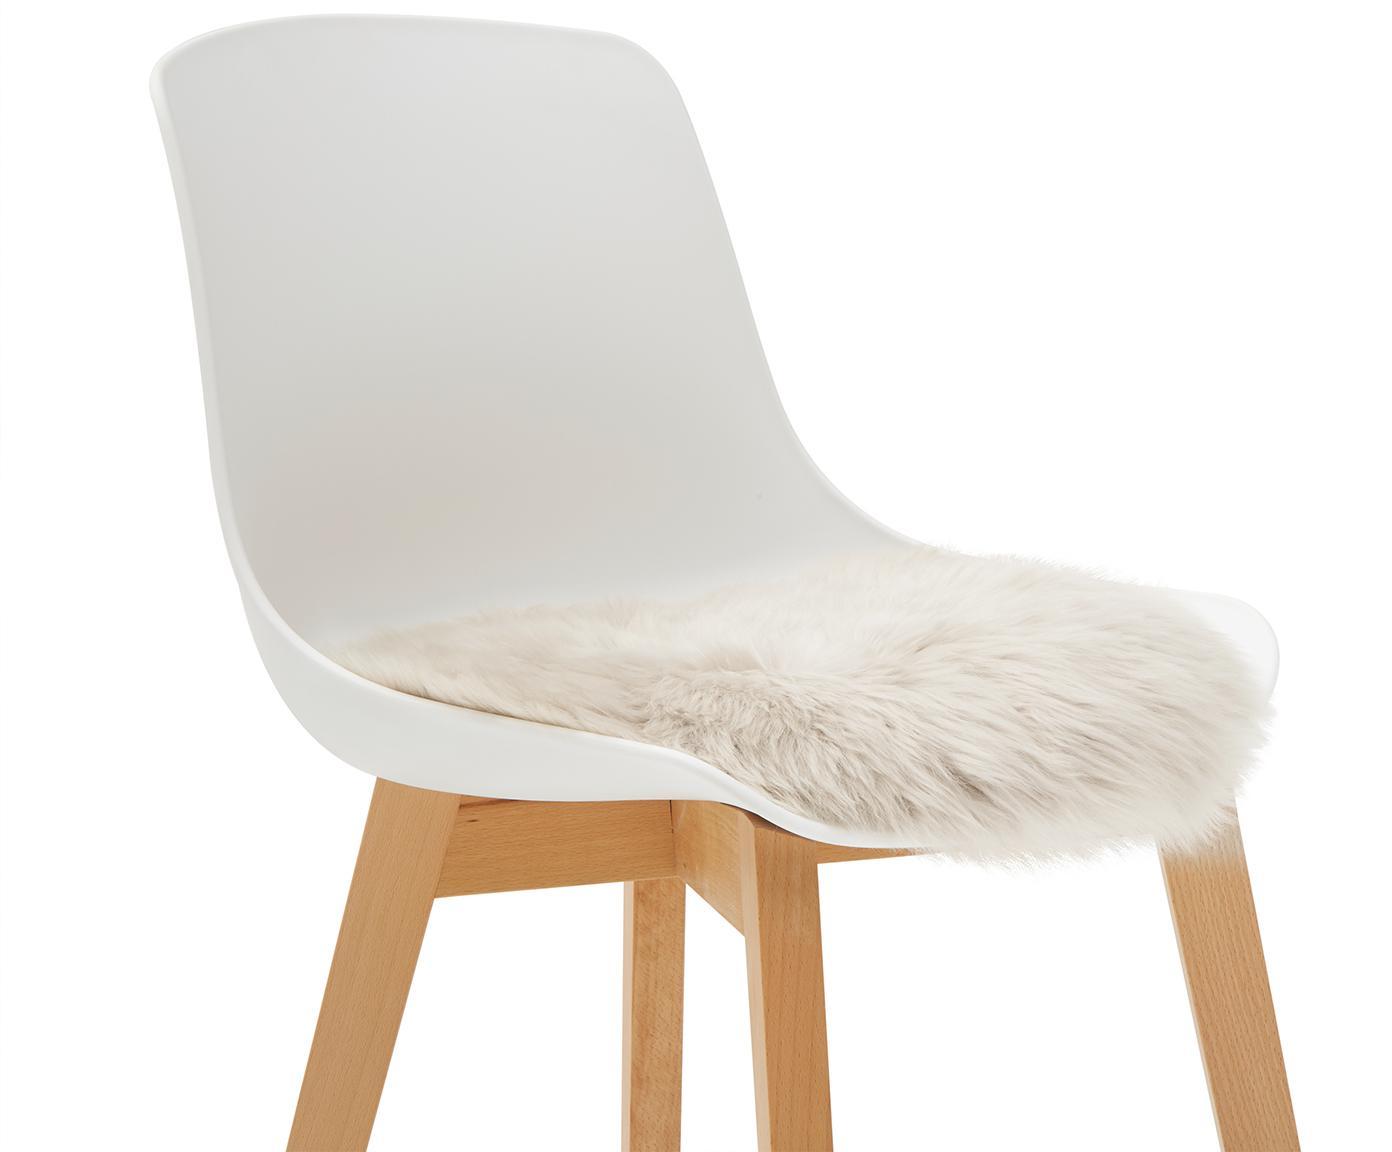 Nakładka na siedzisko ze skóry owczej Oslo, Beżowy, Ø 37 cm